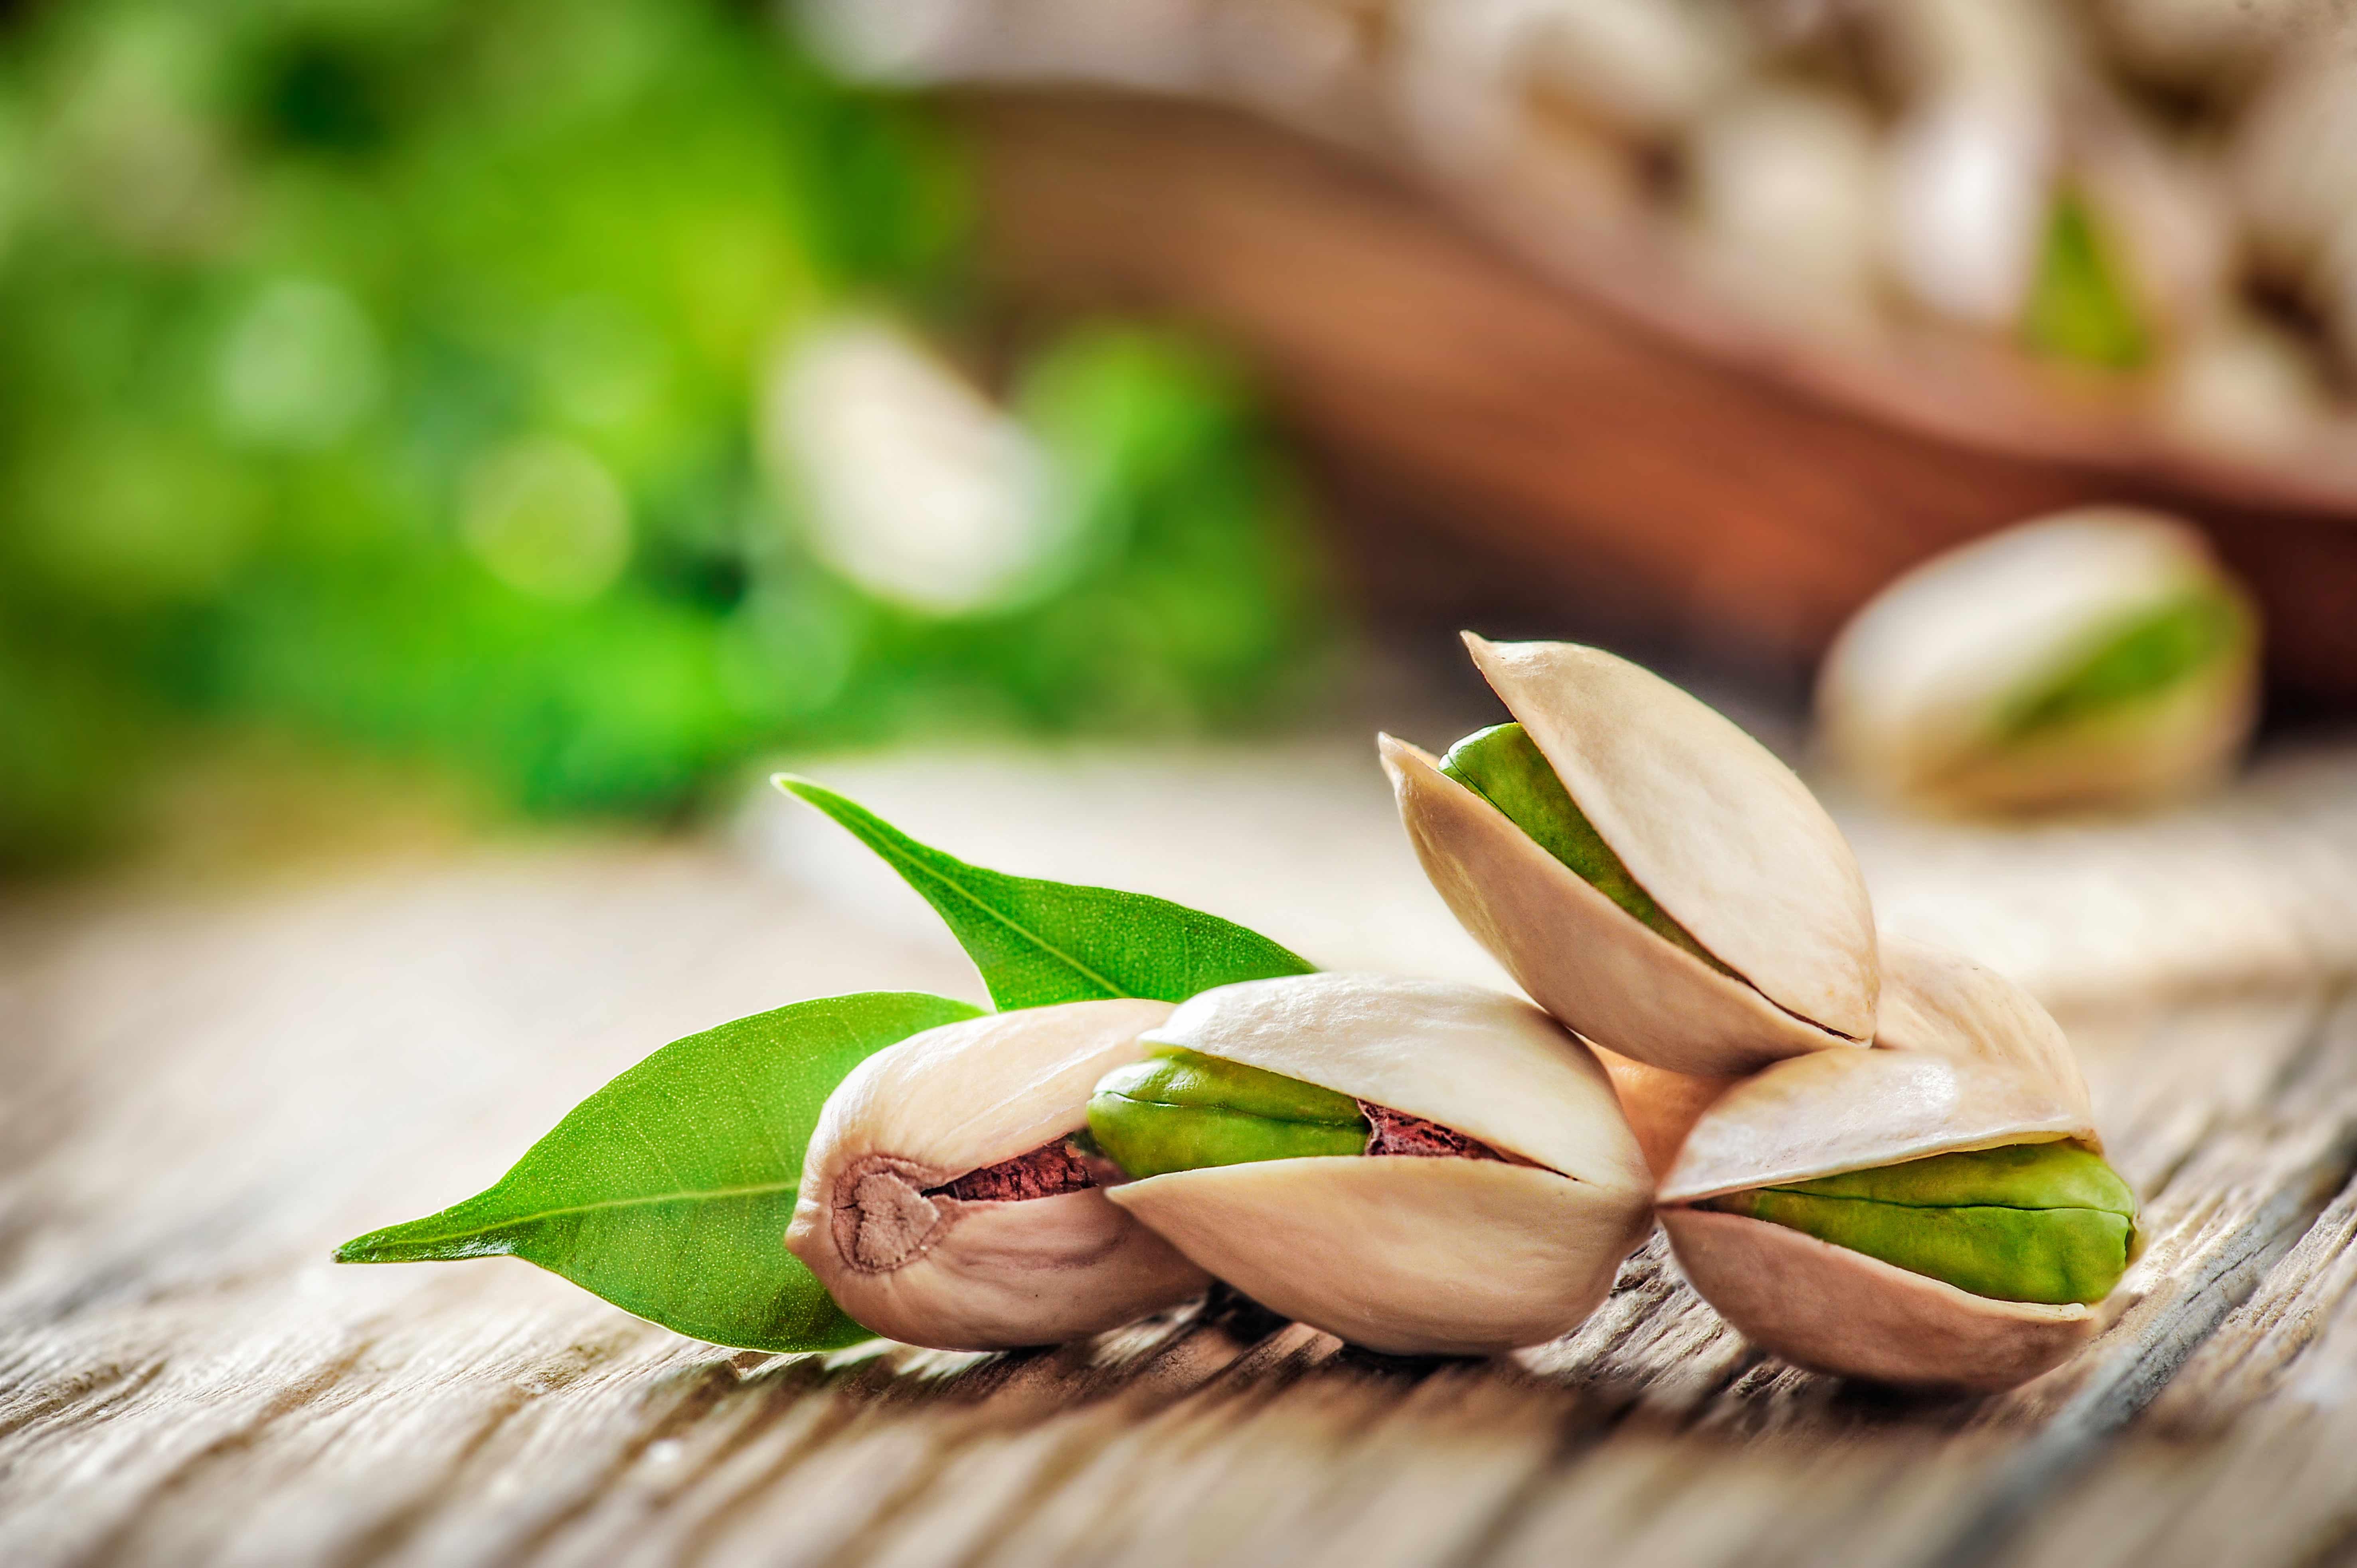 Y recuerda, las nueces son frutos, pero con unas características diferentes: no son dulces y tienen muchos aceites esenciales.